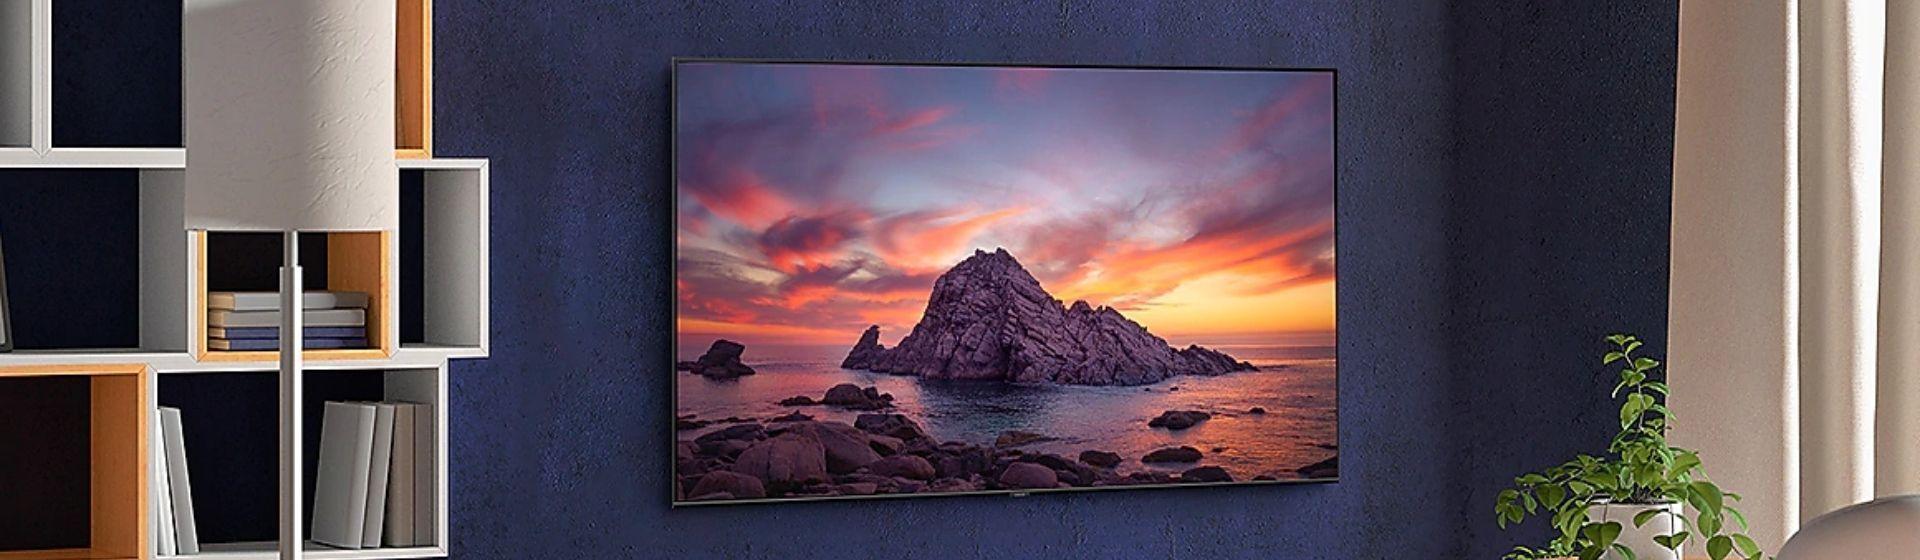 TV LED, QLED, OLED e LCD: quais as diferenças entre esses tipos de telas?